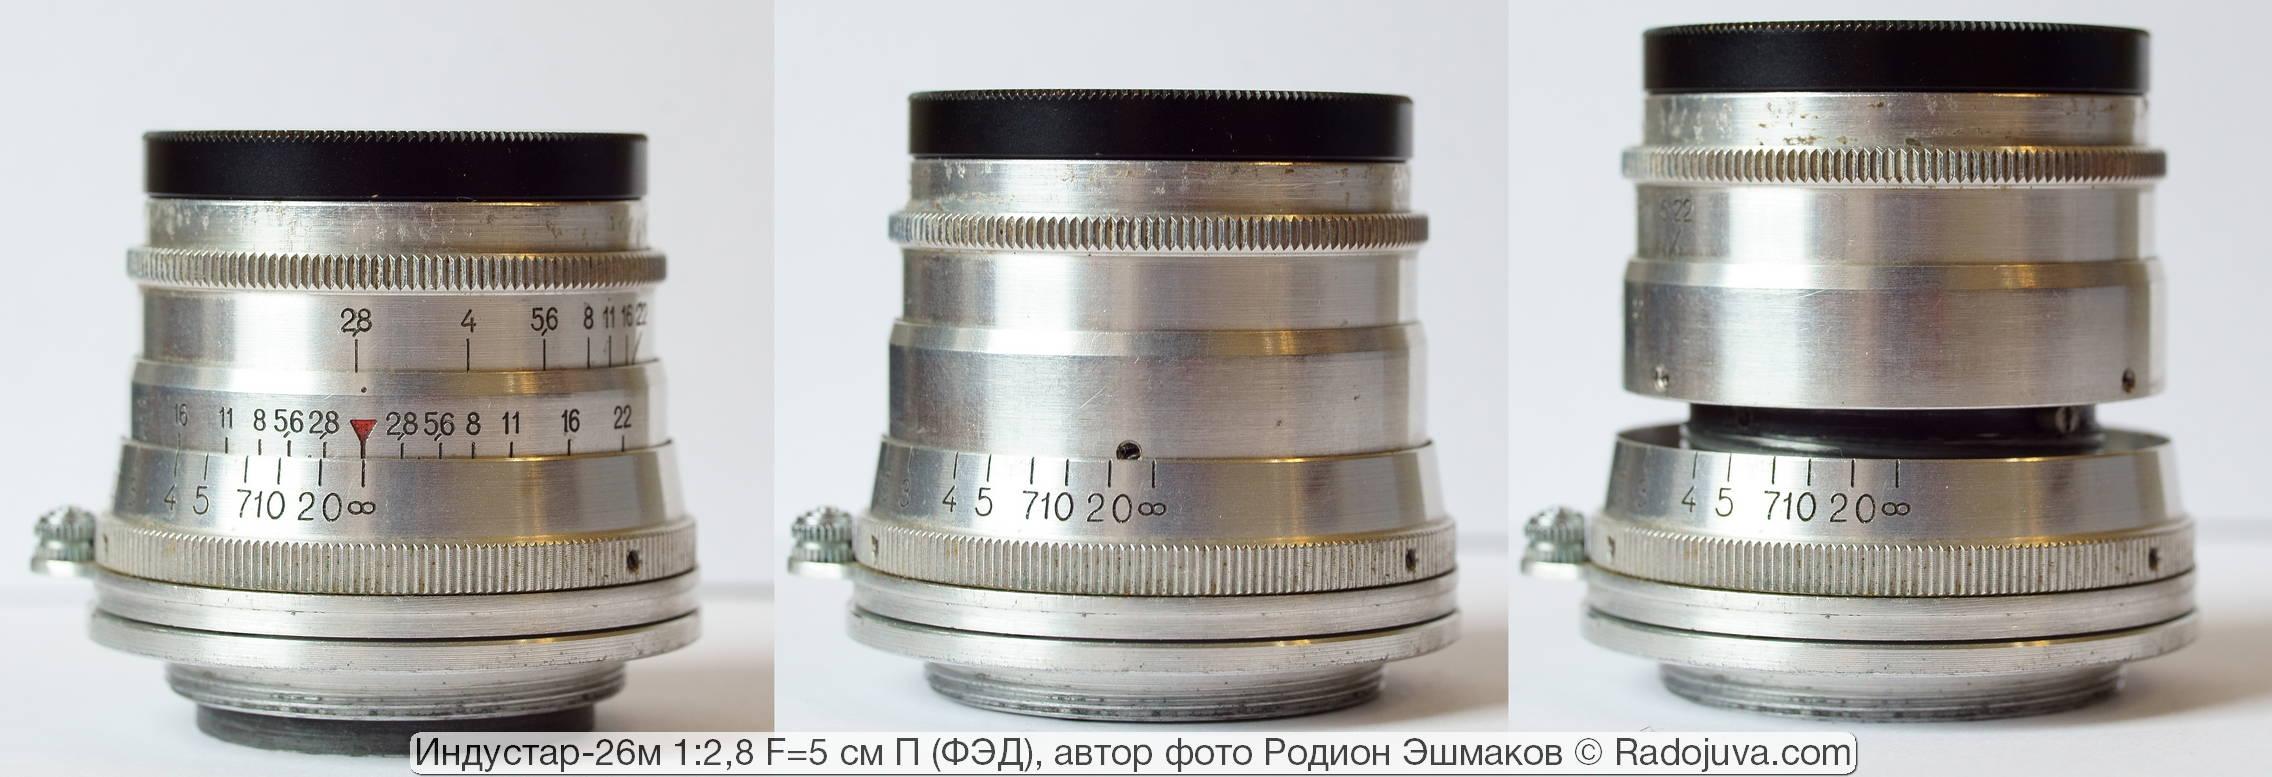 Модифицированный Индустар-26м при фокусировке на бесконечность, при фокусировке на 1 м и при МДФ~0.4 м.